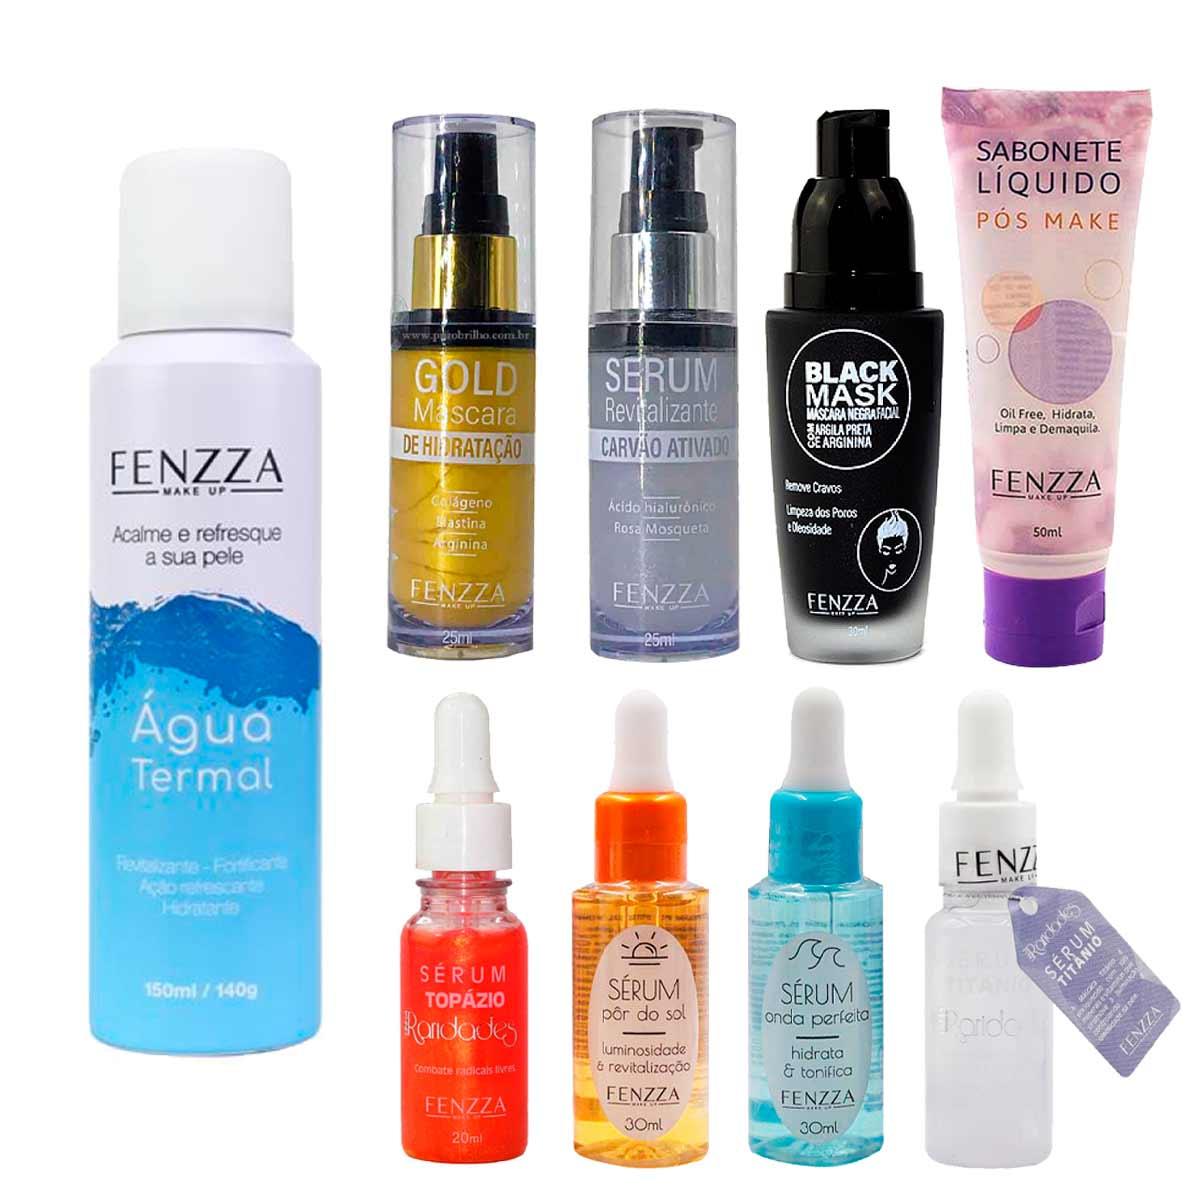 Kit de Maquiagem e Skin Care 1